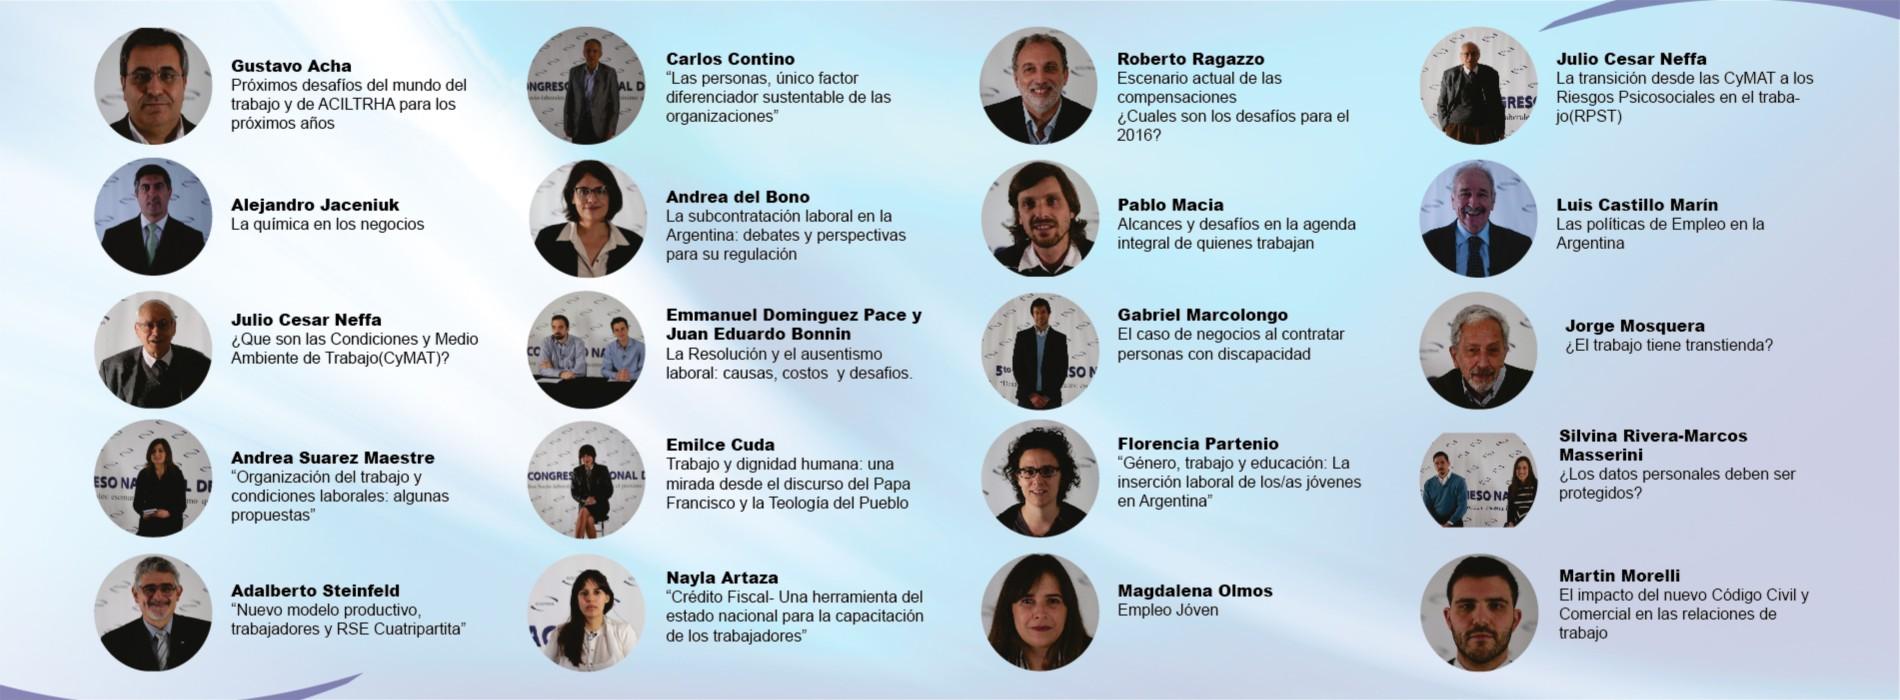 5to CONGRESO NACIONAL DE ACILTRHA «Desafíos socio-laborales: escenarios para el próximo quinquenio 2016-2020» | 2015